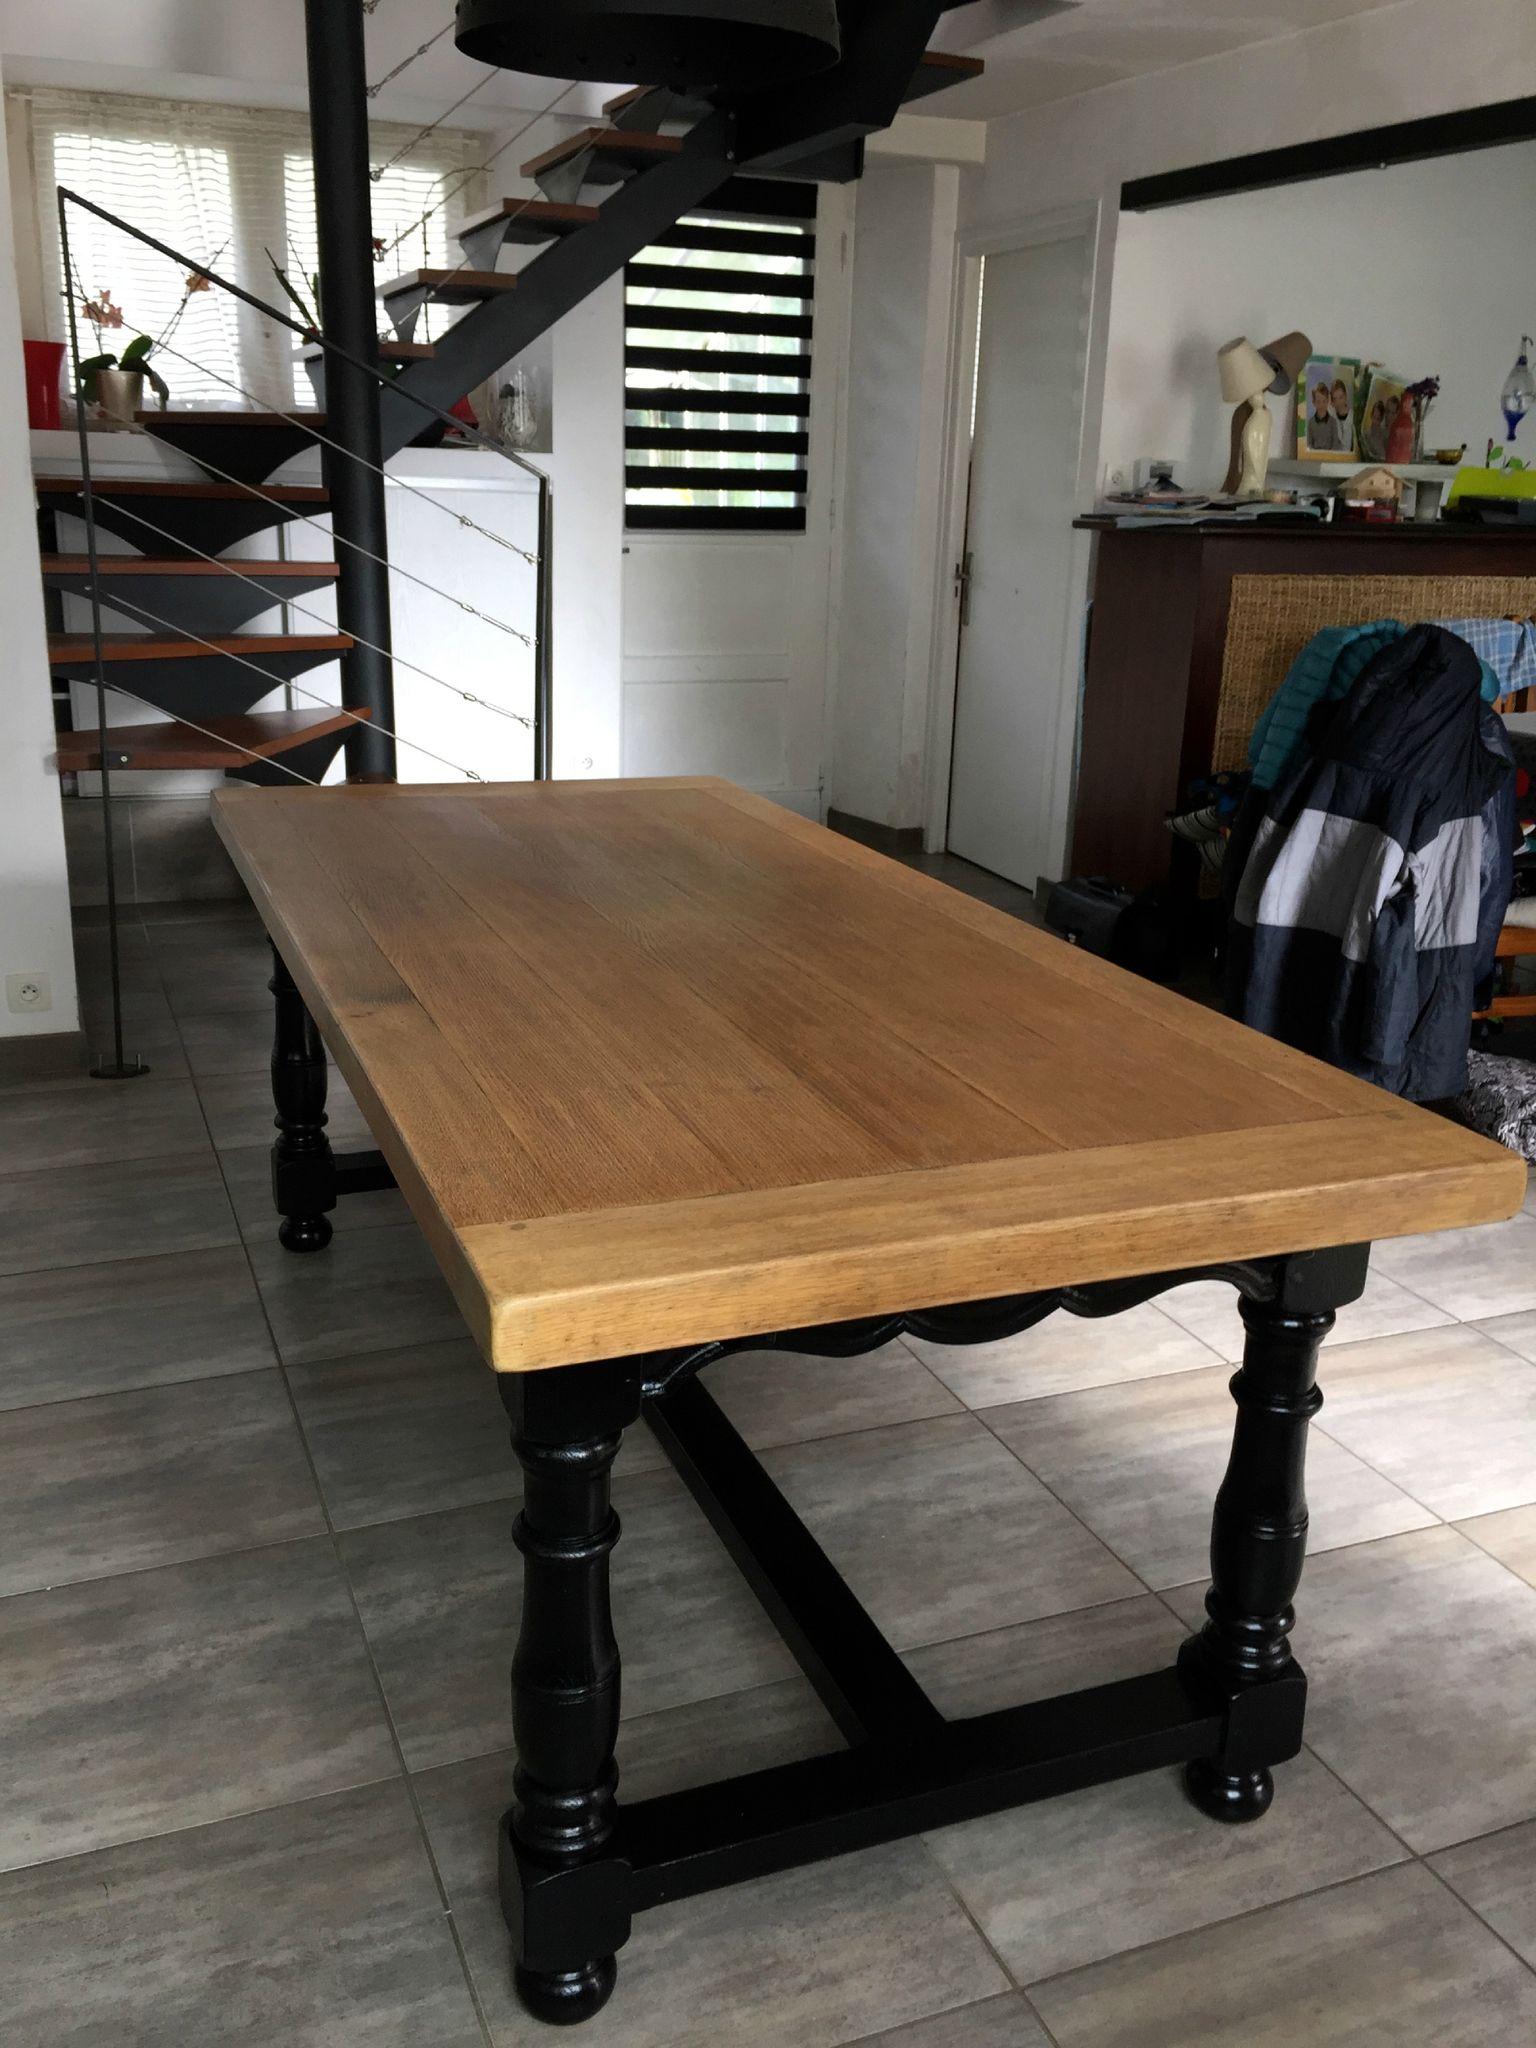 afficher l 39 image d 39 origine renovation salle a manger pinterest table bois mobilier de. Black Bedroom Furniture Sets. Home Design Ideas